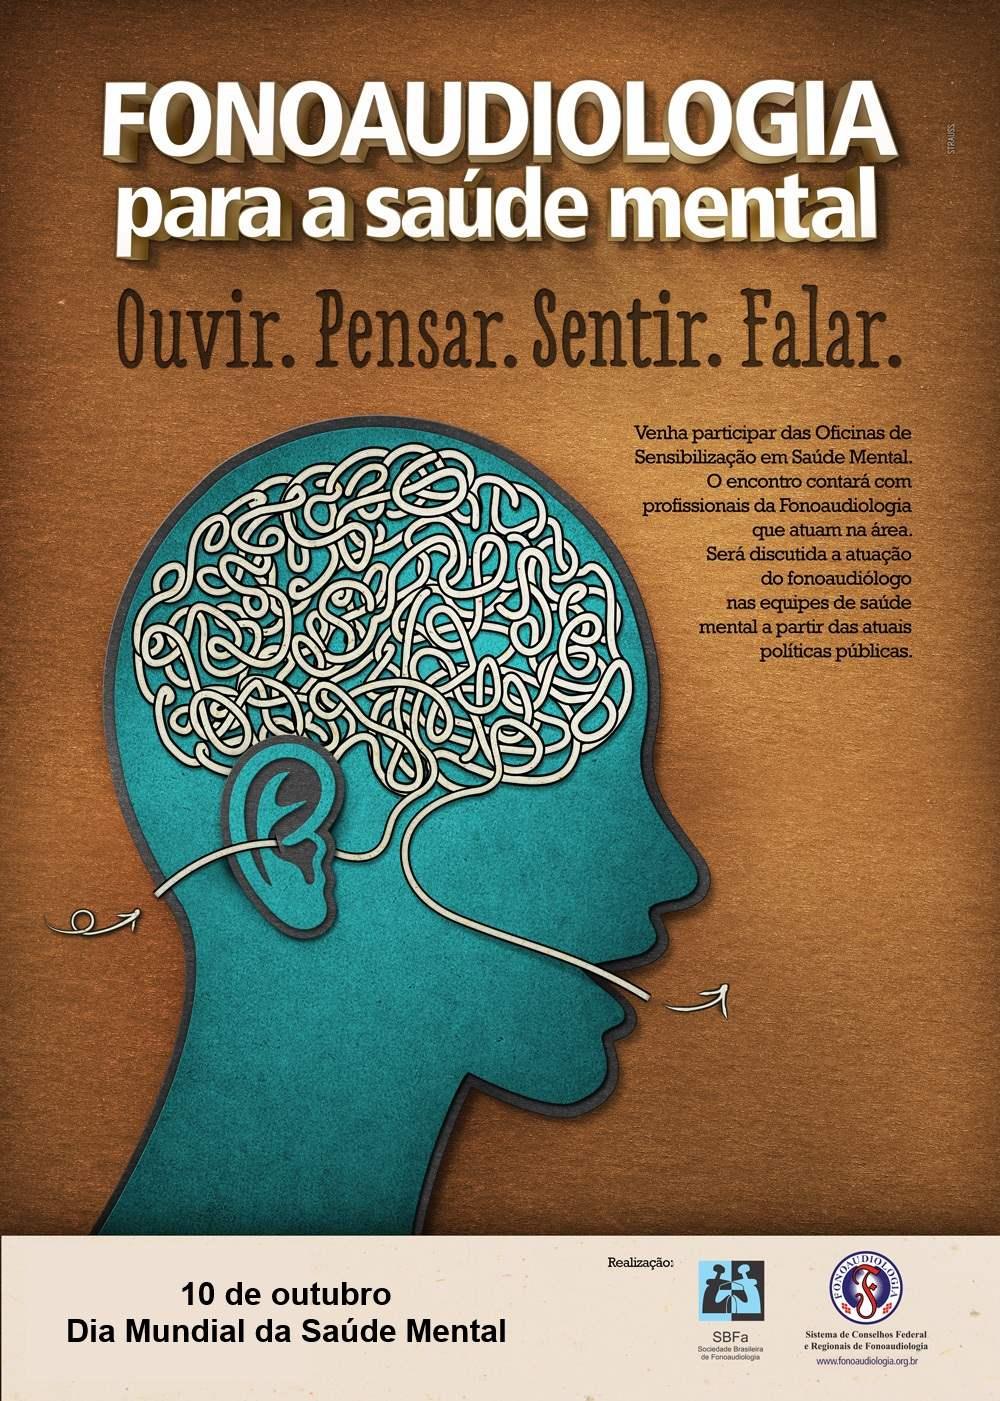 DIA MUNDIAL DA SAÚDE MENTAL: OUVIR. PENSAR. SENTIR. FALAR COM AJUDA DA FONOAUDIOLOGIA